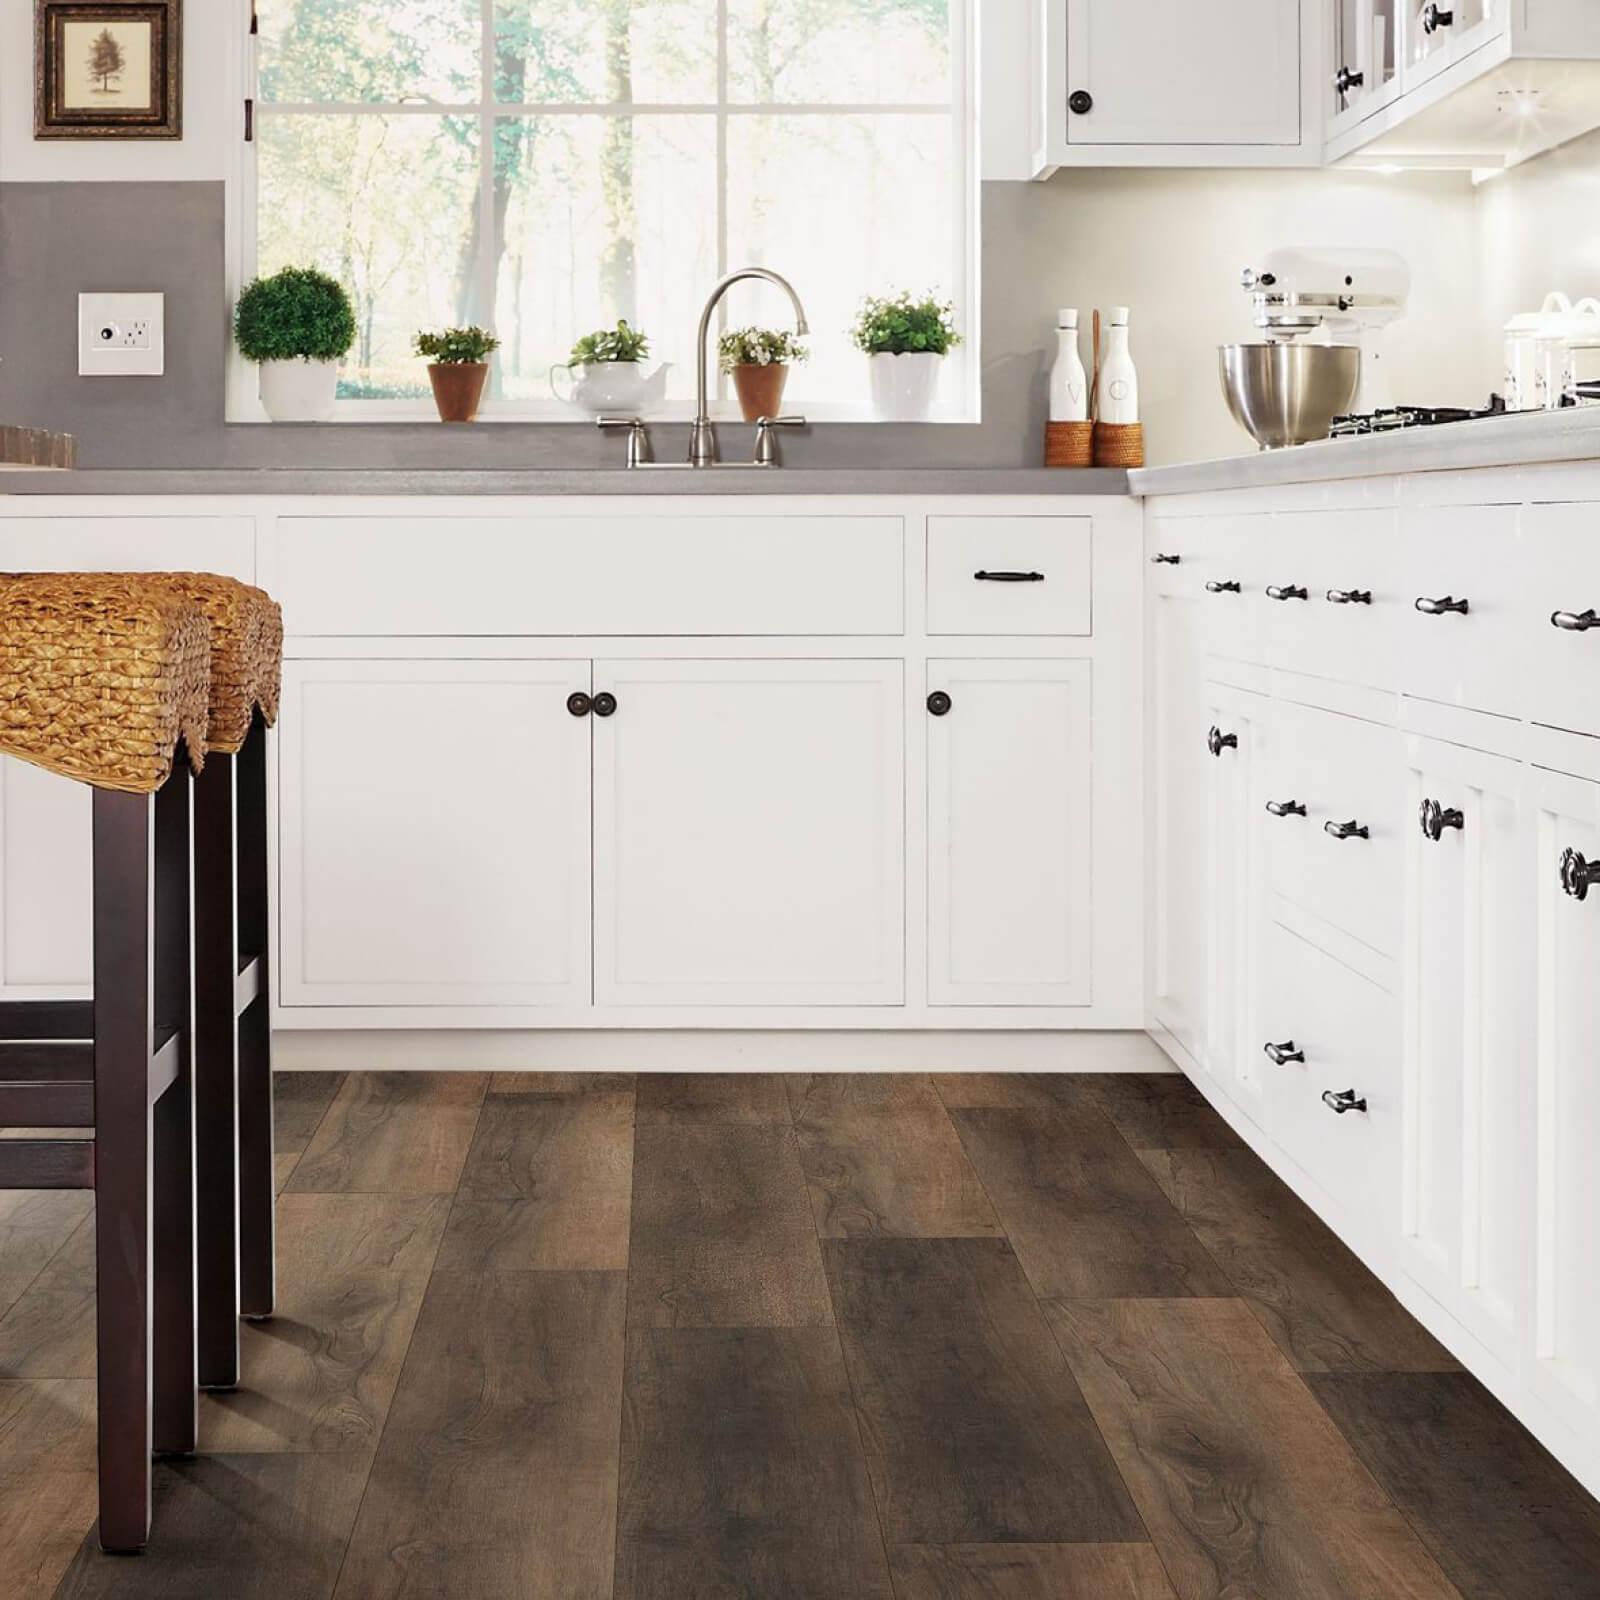 Vinyl flooring in kitchen | The Floor Fashion Centre